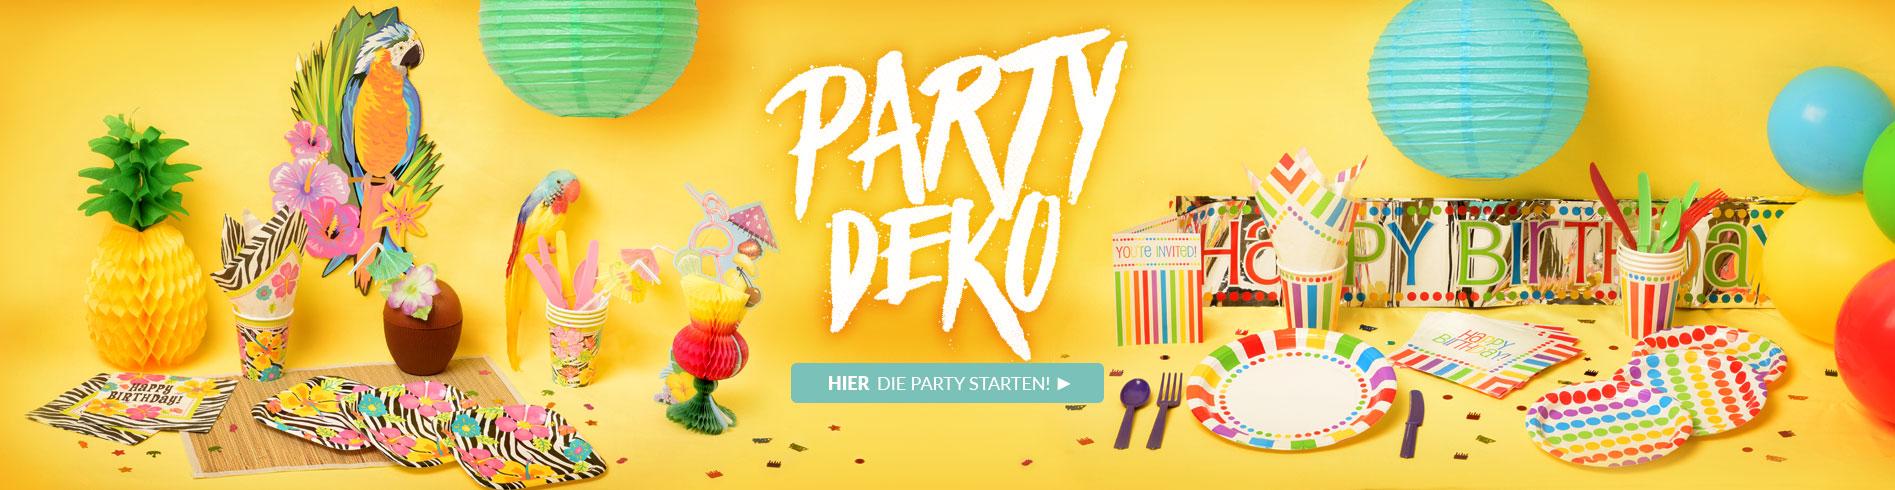 Partydeko